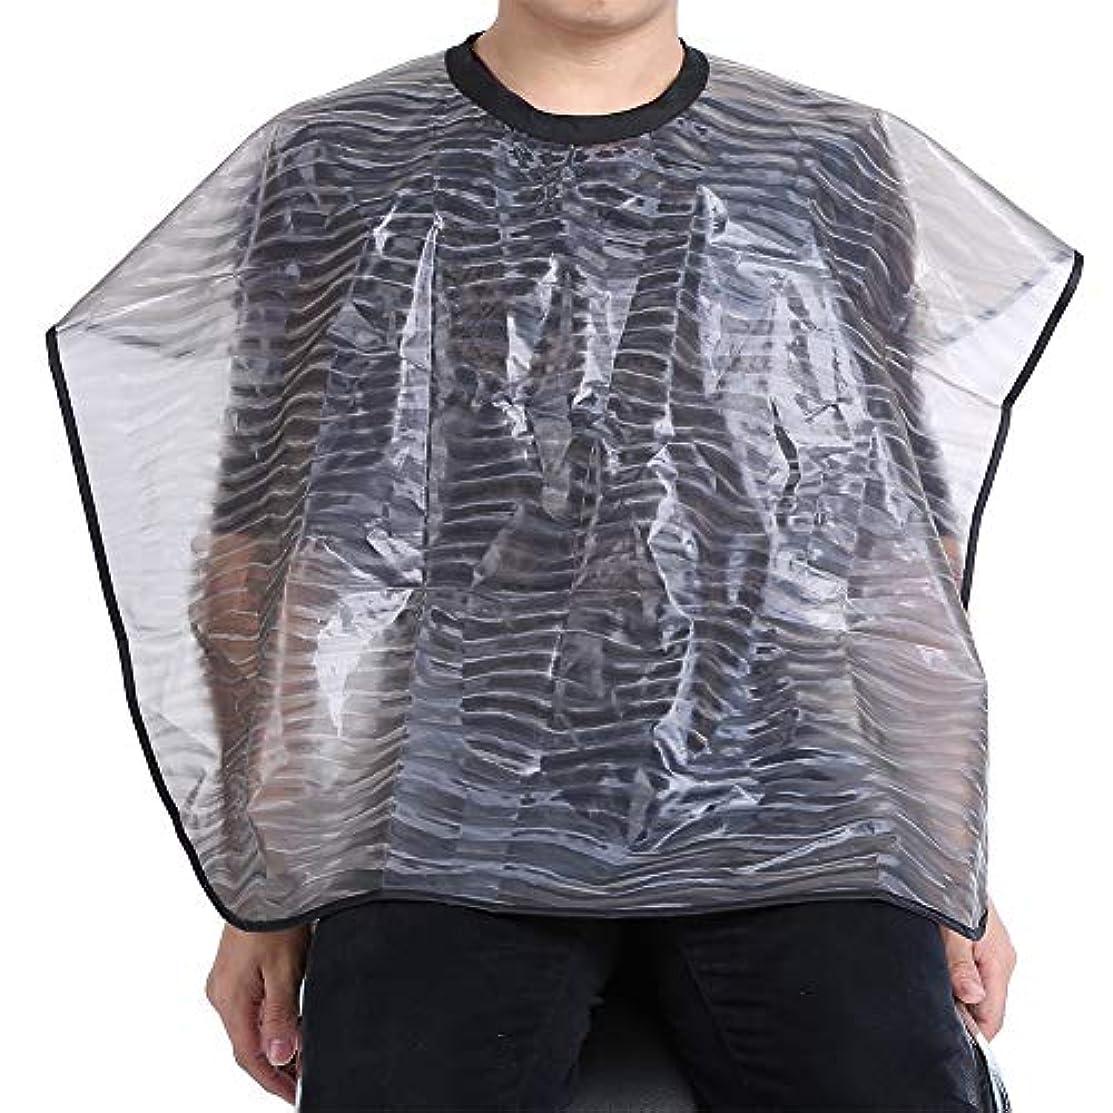 着実に困惑するやさしく2サイズ防水再利用可能なサロン理髪布-耐久性のあるヘアスタイリストガウンバーバーケープ(01)